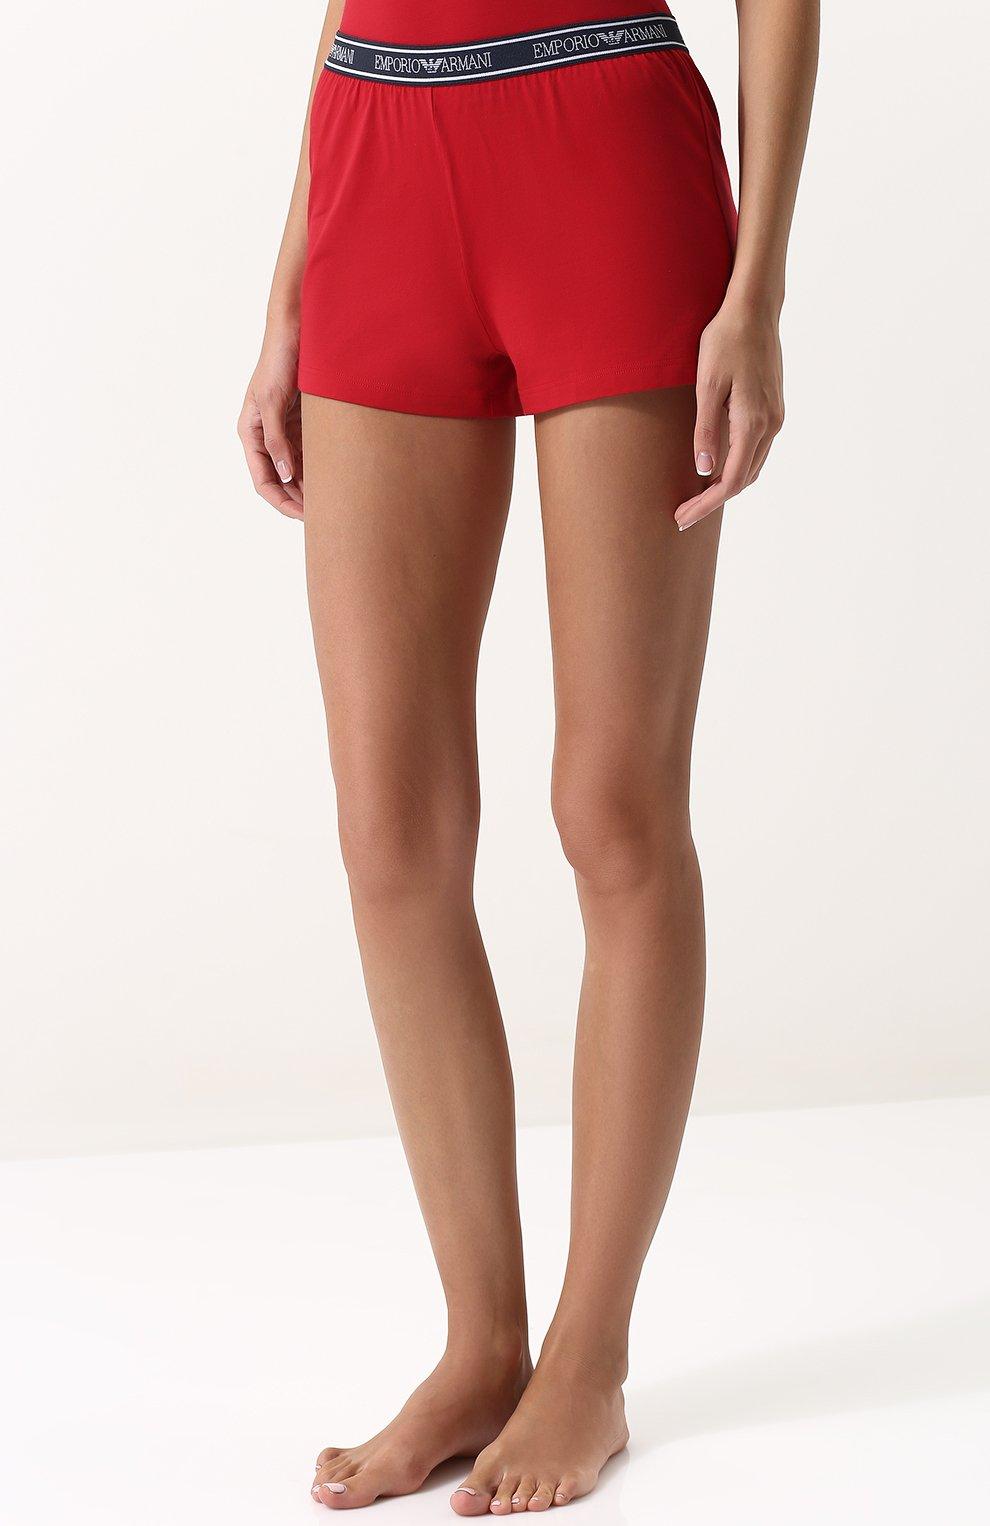 Женские хлопковые мини-шорты с эластичным поясом EMPORIO ARMANI красного цвета, арт. 164077/8P317 | Фото 3